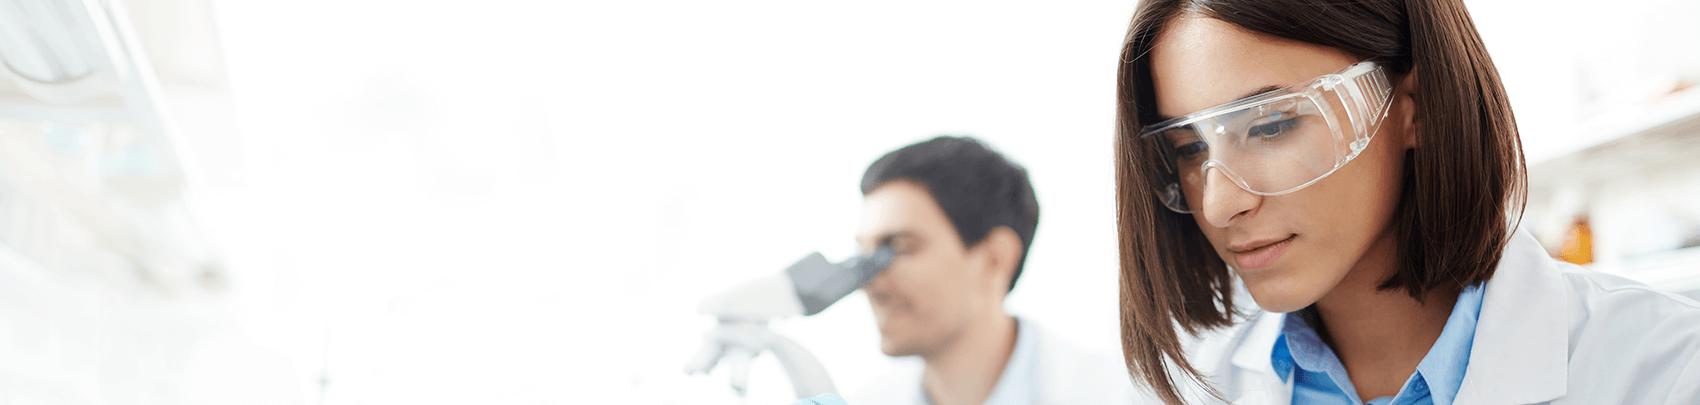 Laboratory staff